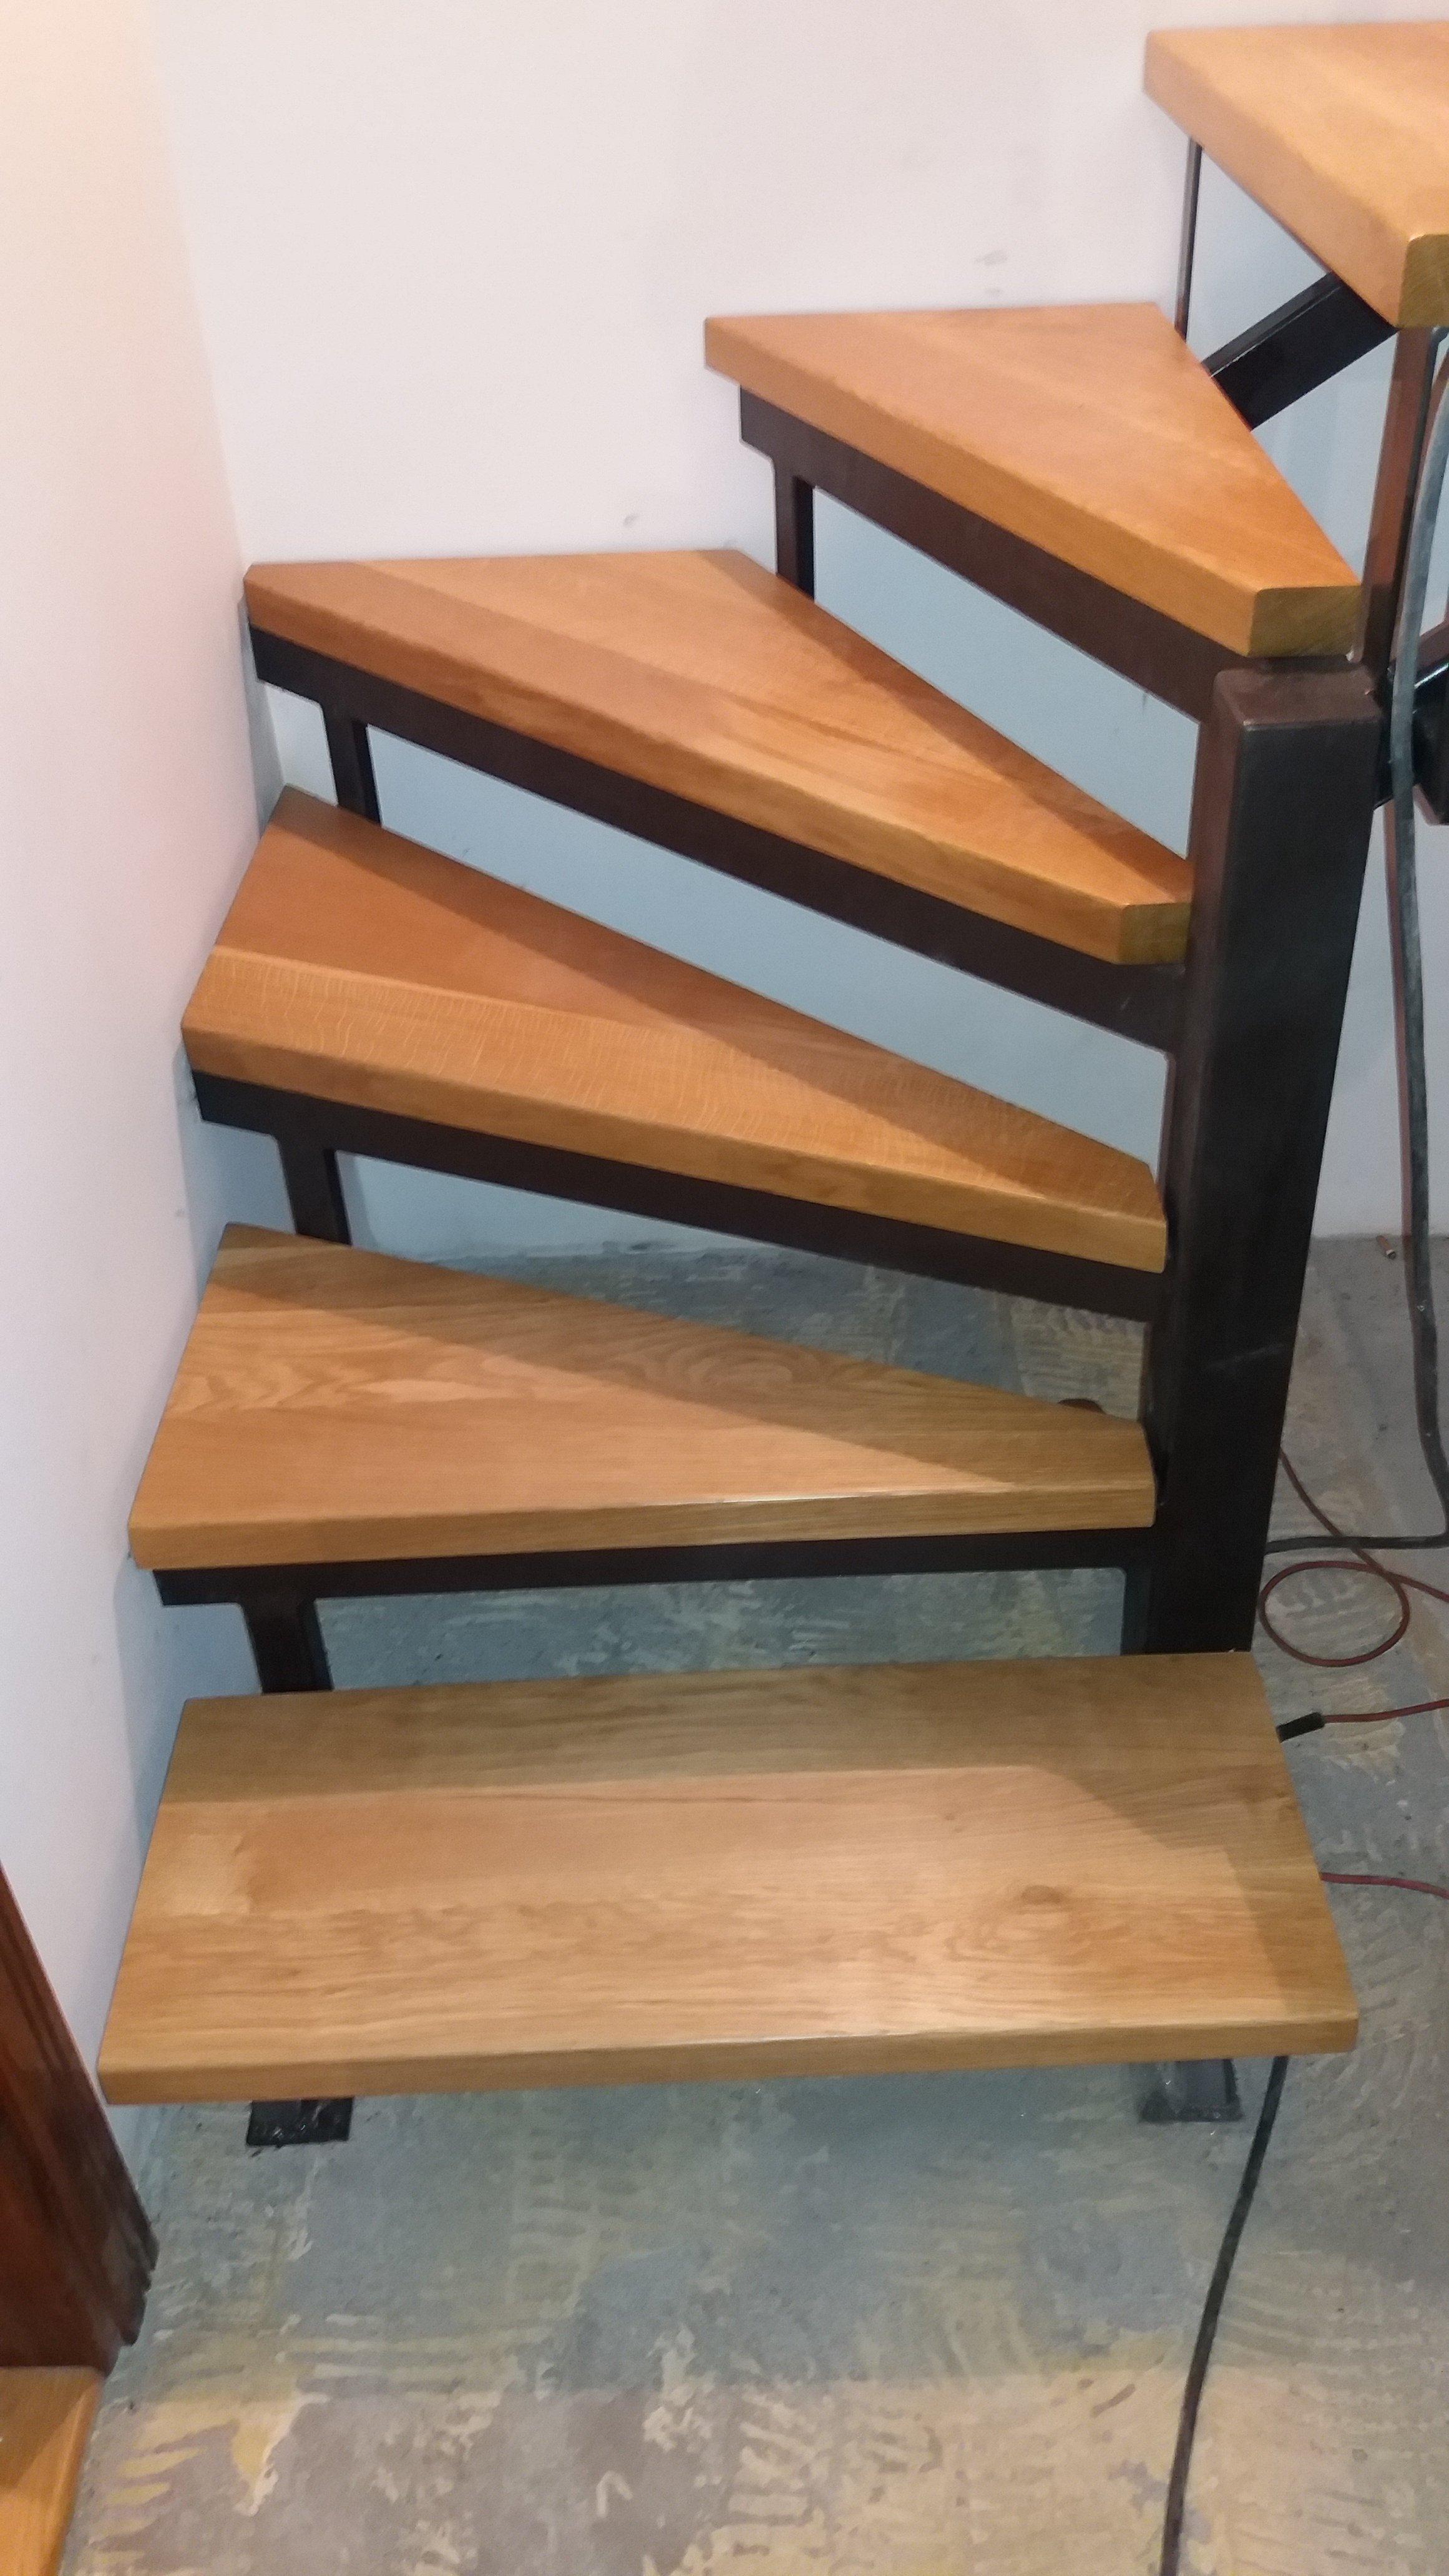 Drvena gazišta za stepenište